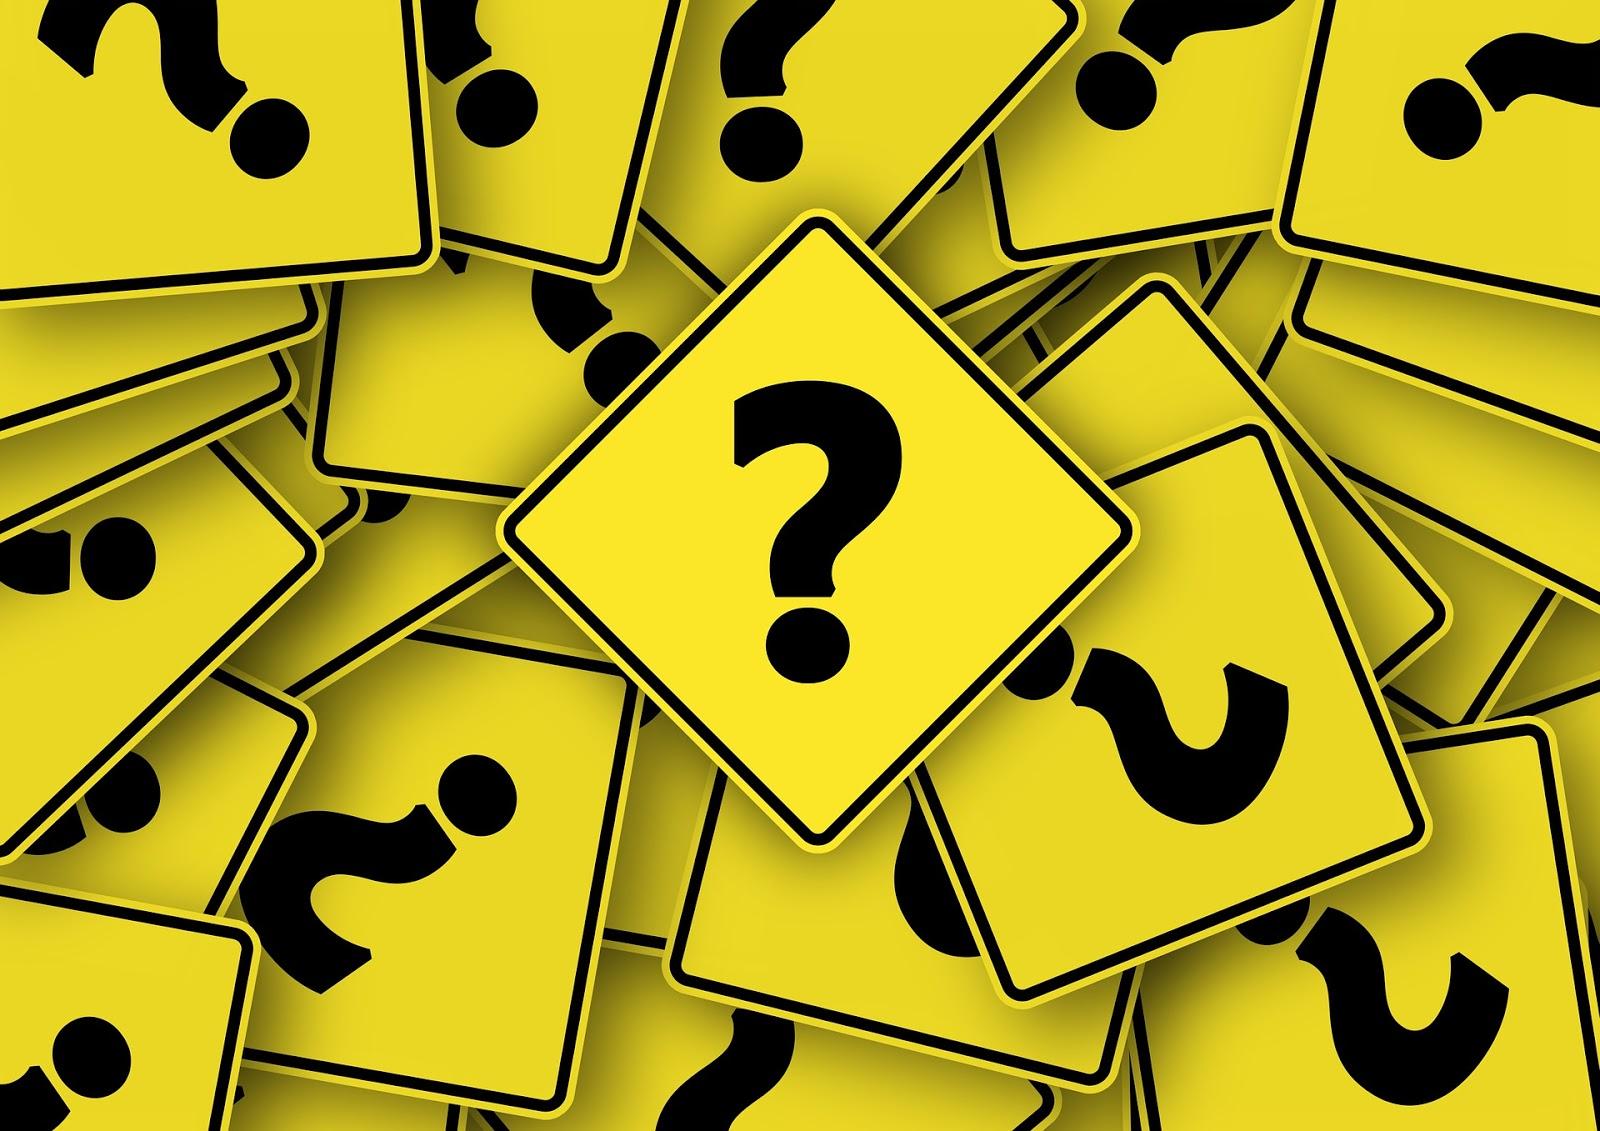 15 pytań sprawdzających przygotowanie do kryzysu